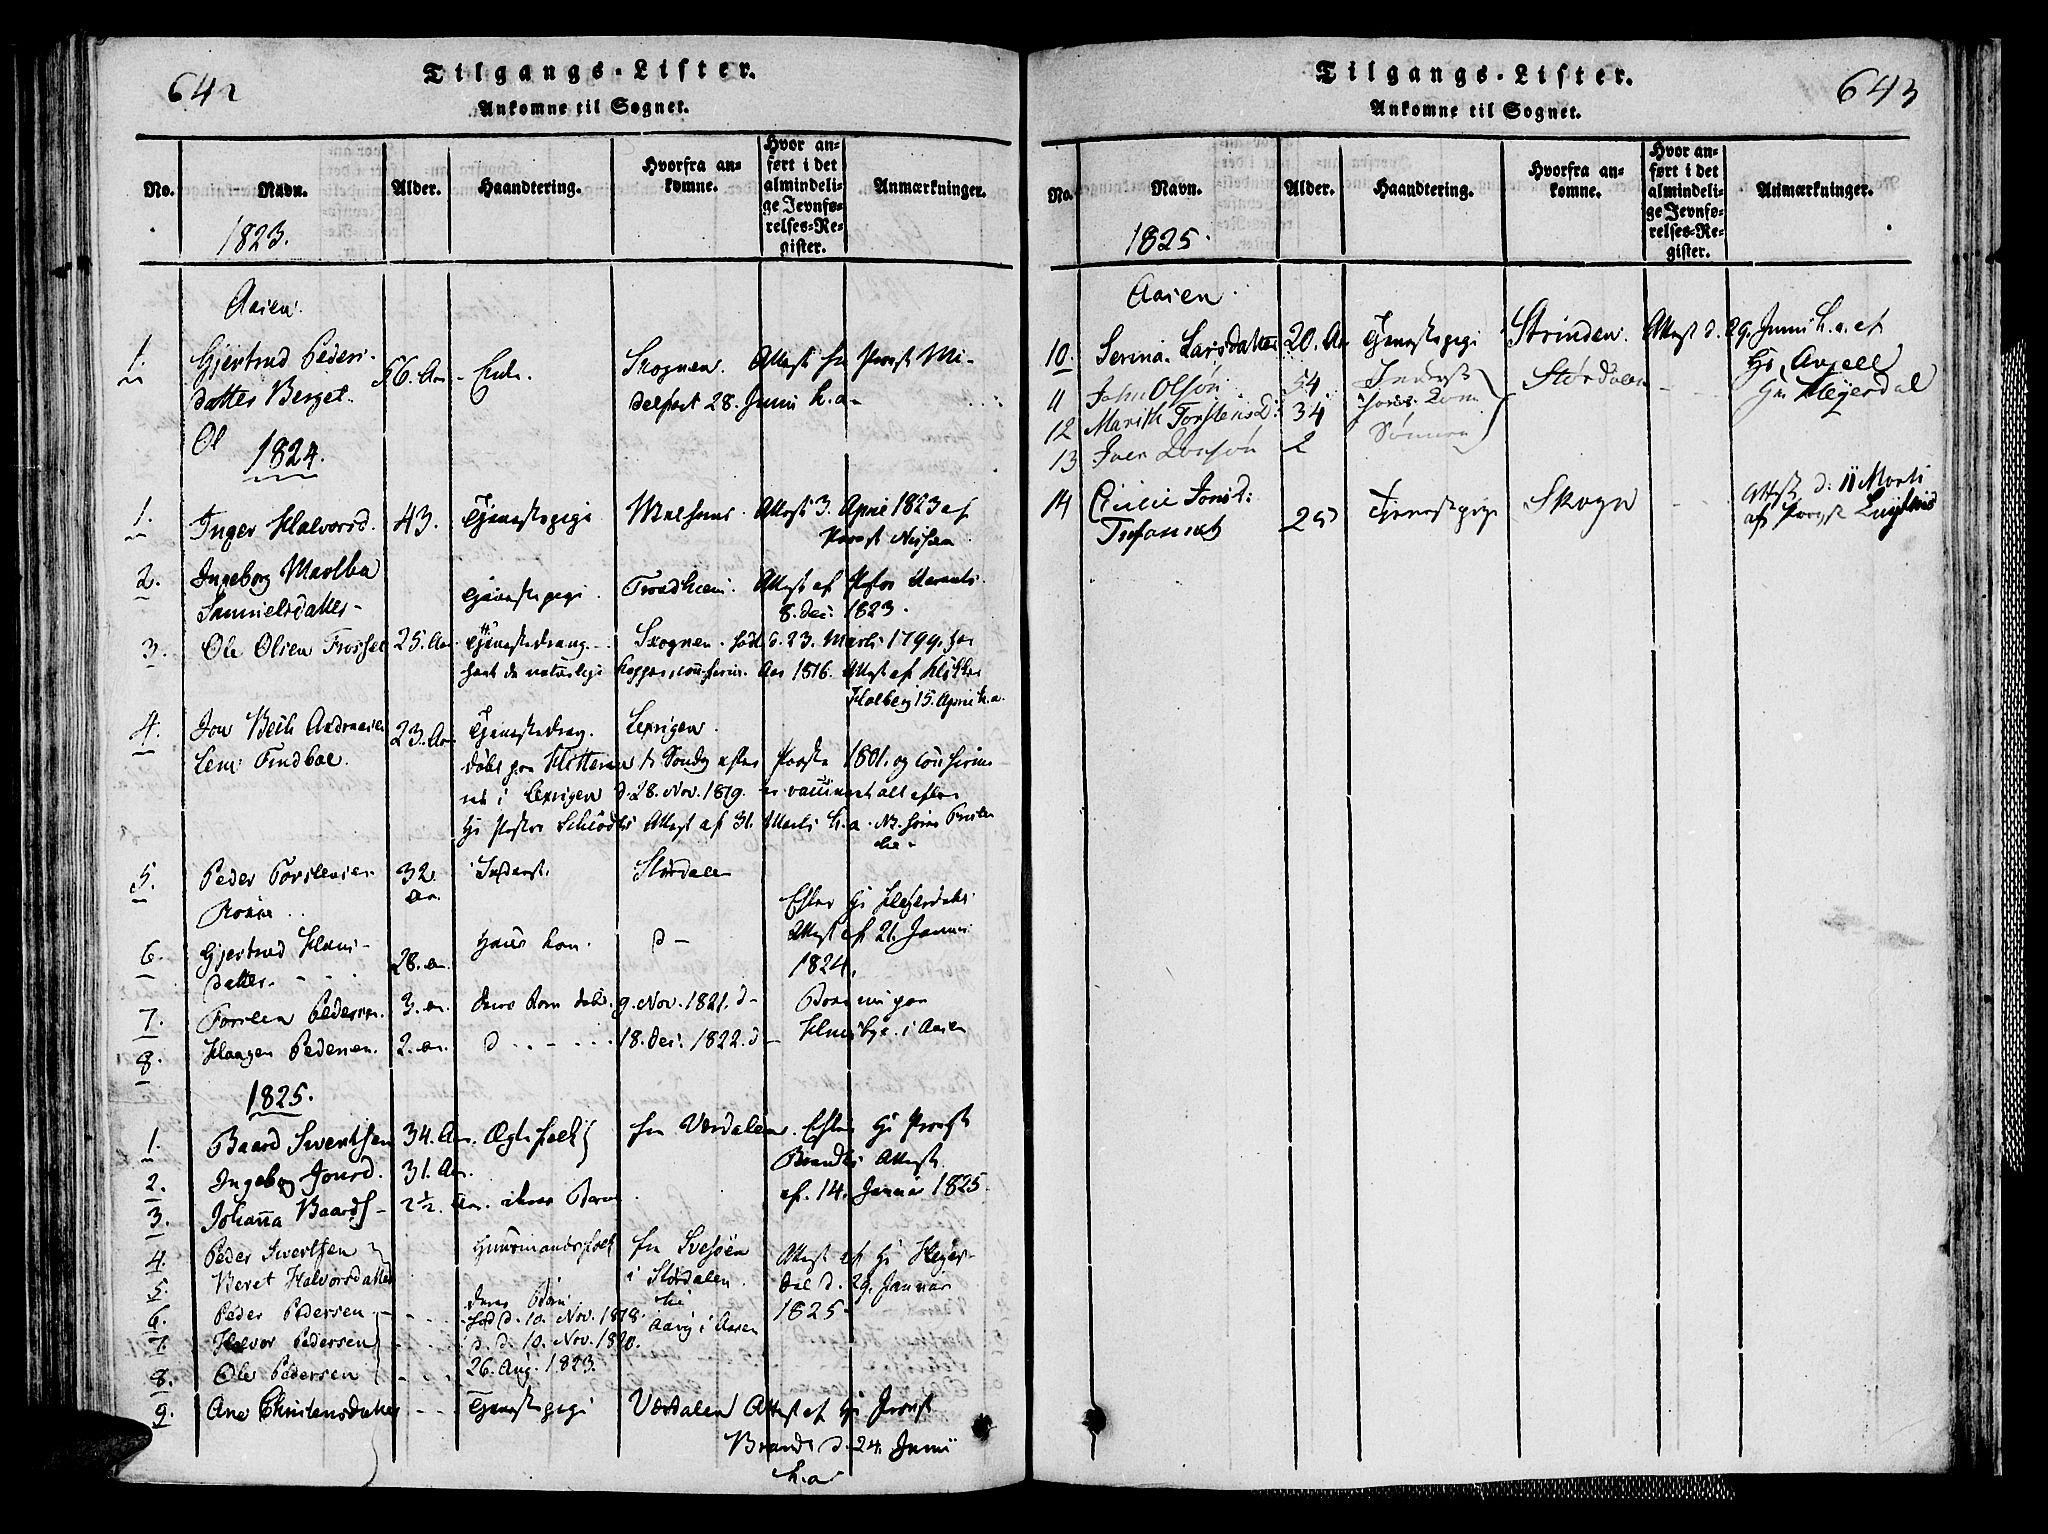 SAT, Ministerialprotokoller, klokkerbøker og fødselsregistre - Nord-Trøndelag, 713/L0112: Ministerialbok nr. 713A04 /2, 1817-1827, s. 642-643